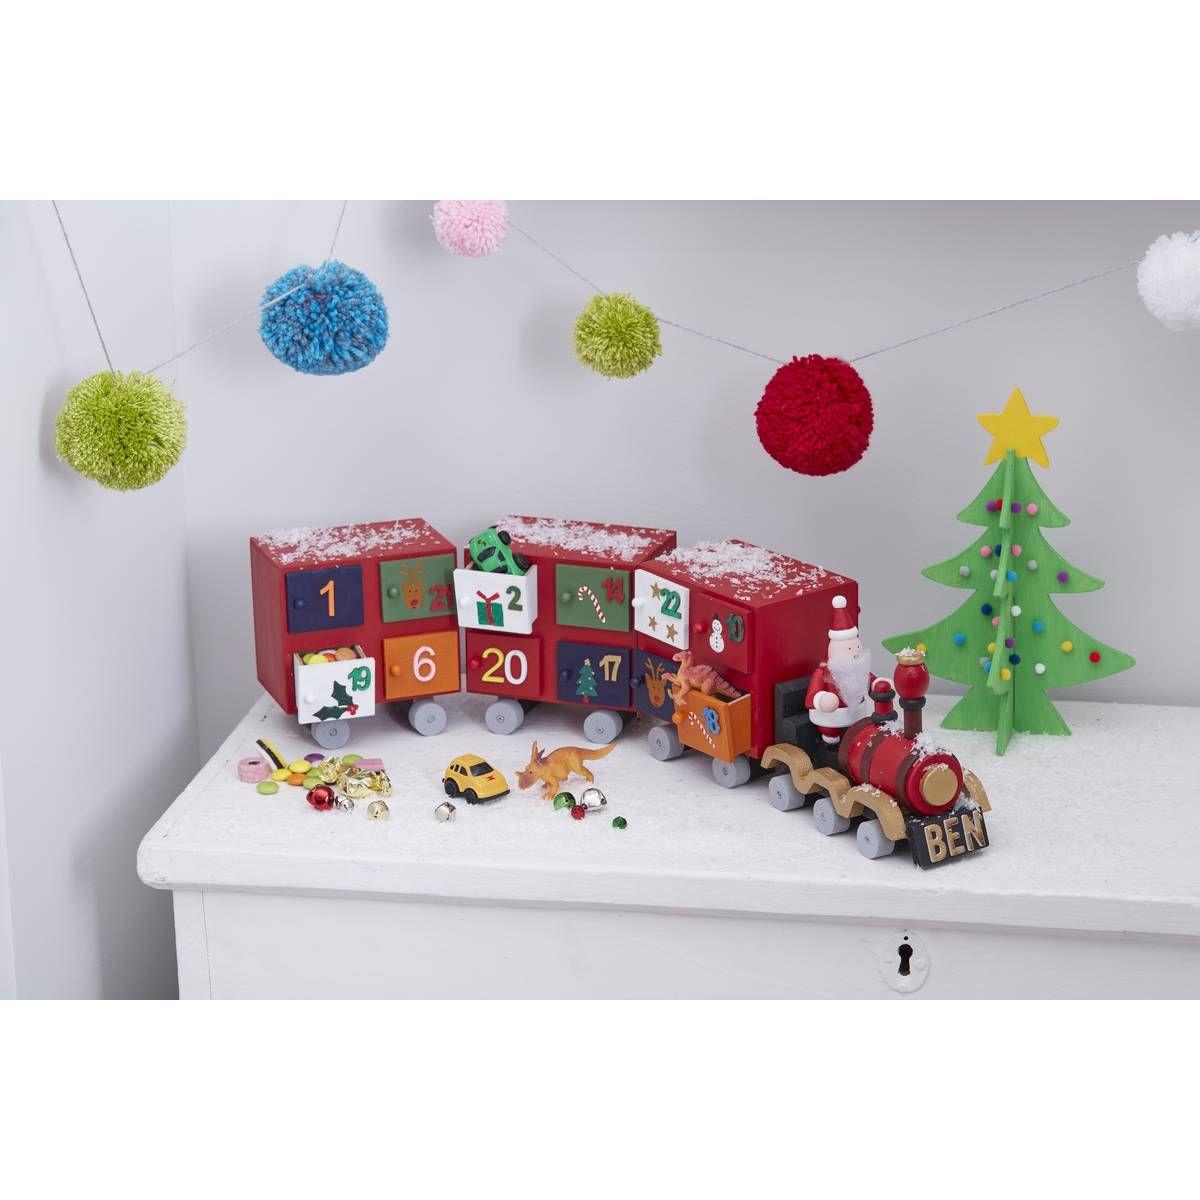 Wooden Advent Calendar Train 555 Cm Hobbycraft Advent Calendar